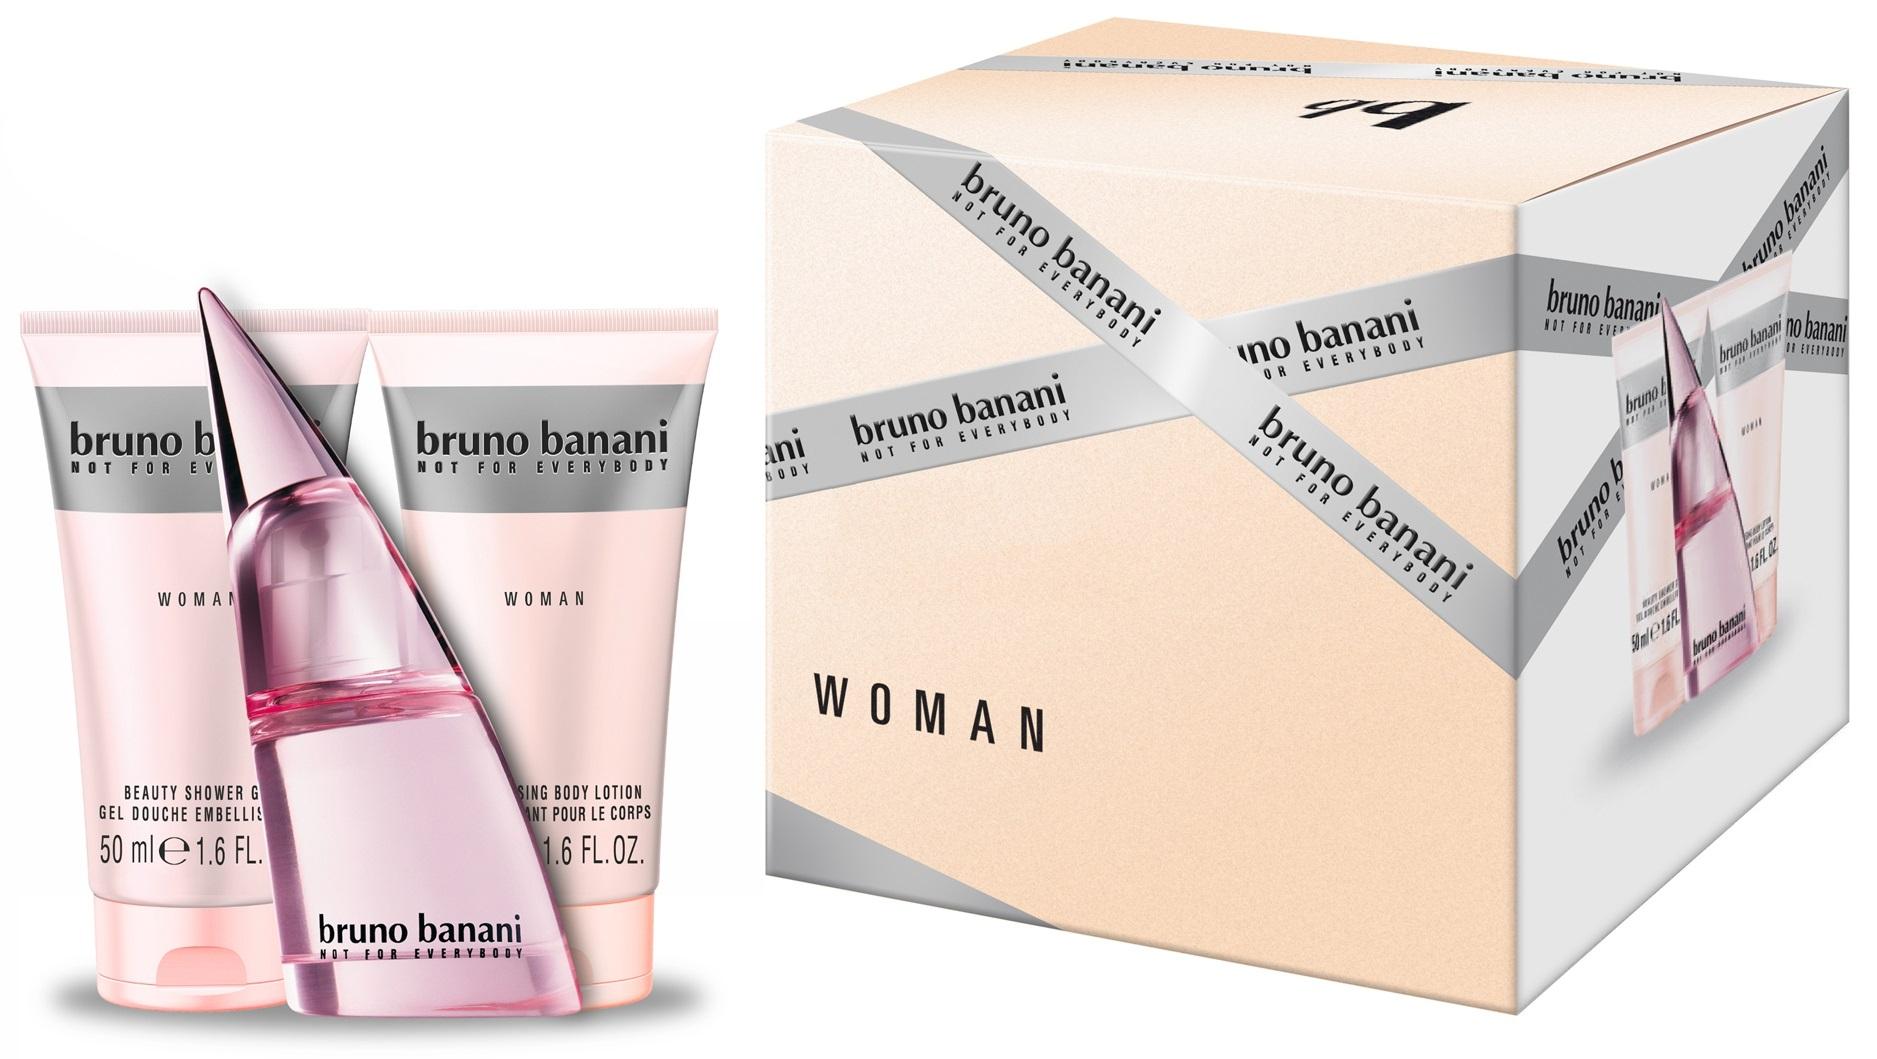 Bruno Banani Bruno Banani Woman, toaletní voda 30ml + sprchový gel 50ml + tělové mléko 50ml, Dárková sada